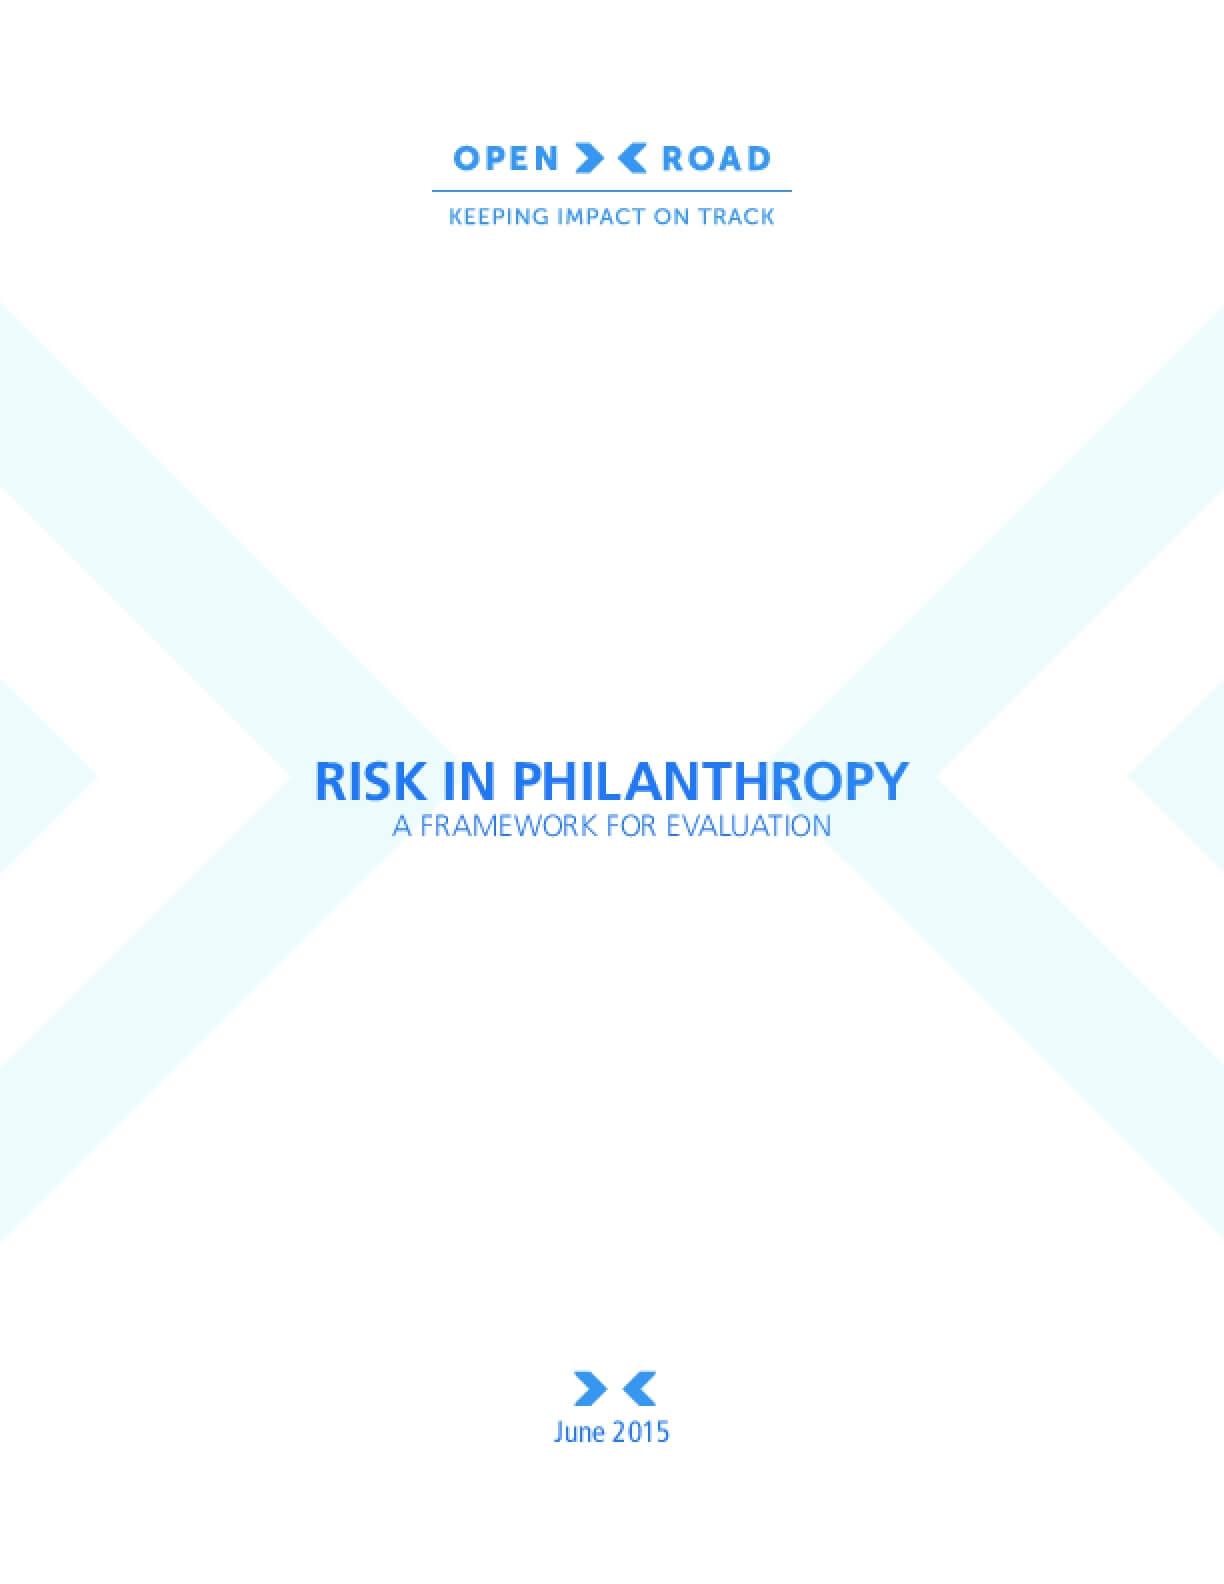 Risk in Philanthropy: A Framework for Evaluation